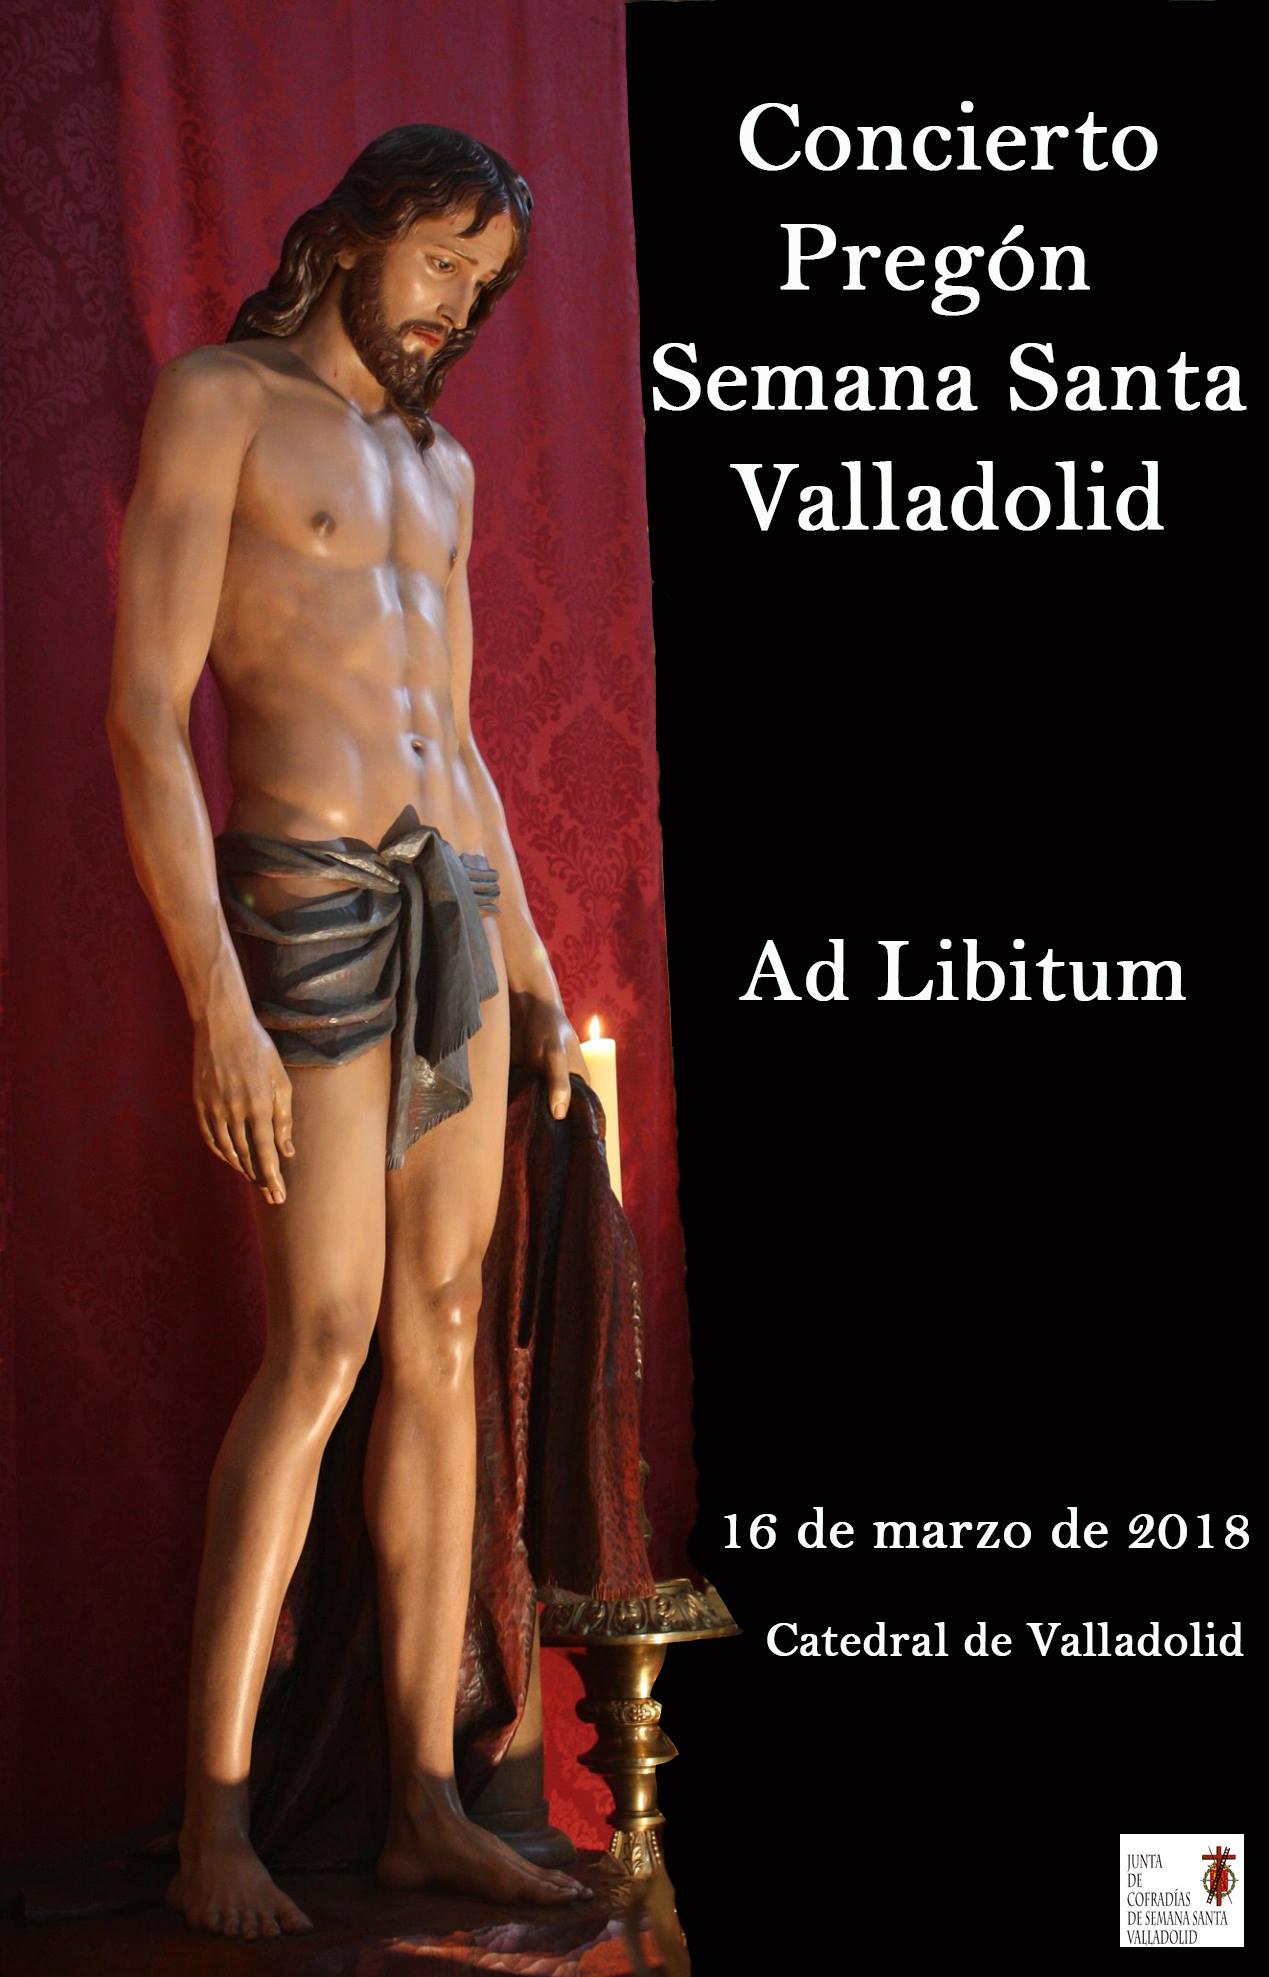 Concierto Pregón Valladolid 2018